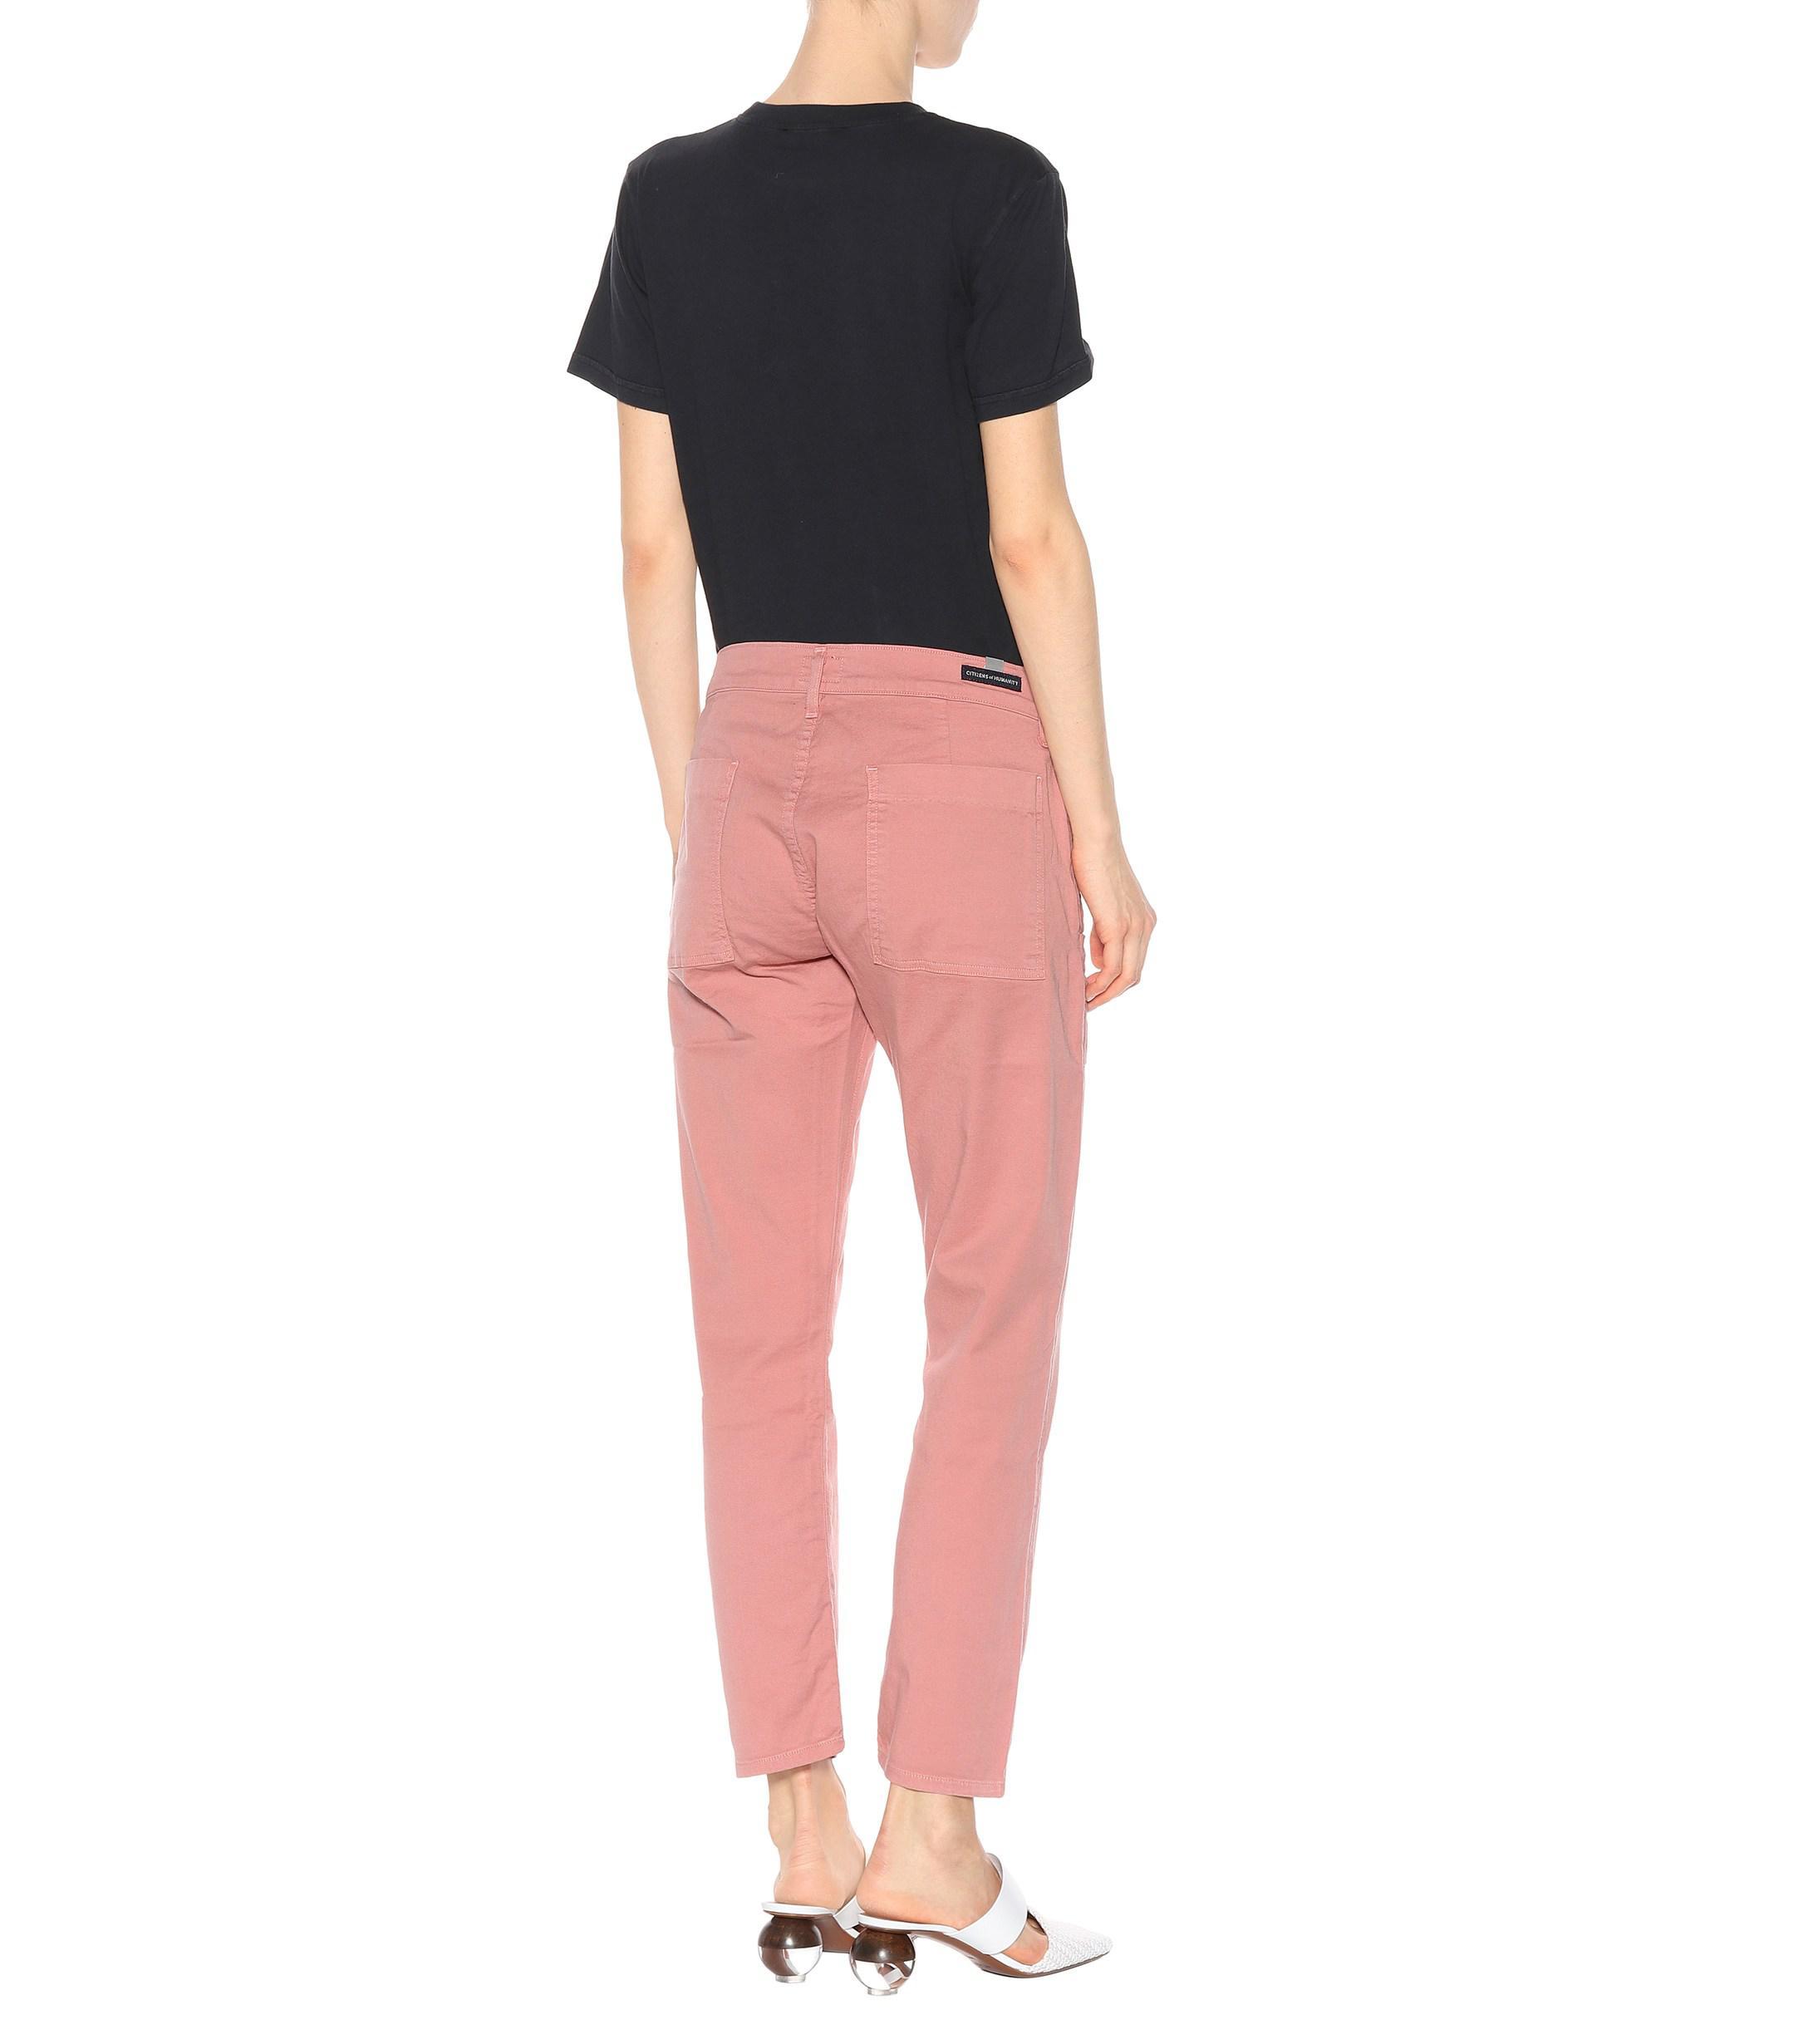 Jeans cropped Leah Citizens of Humanity de Denim de color Rosa